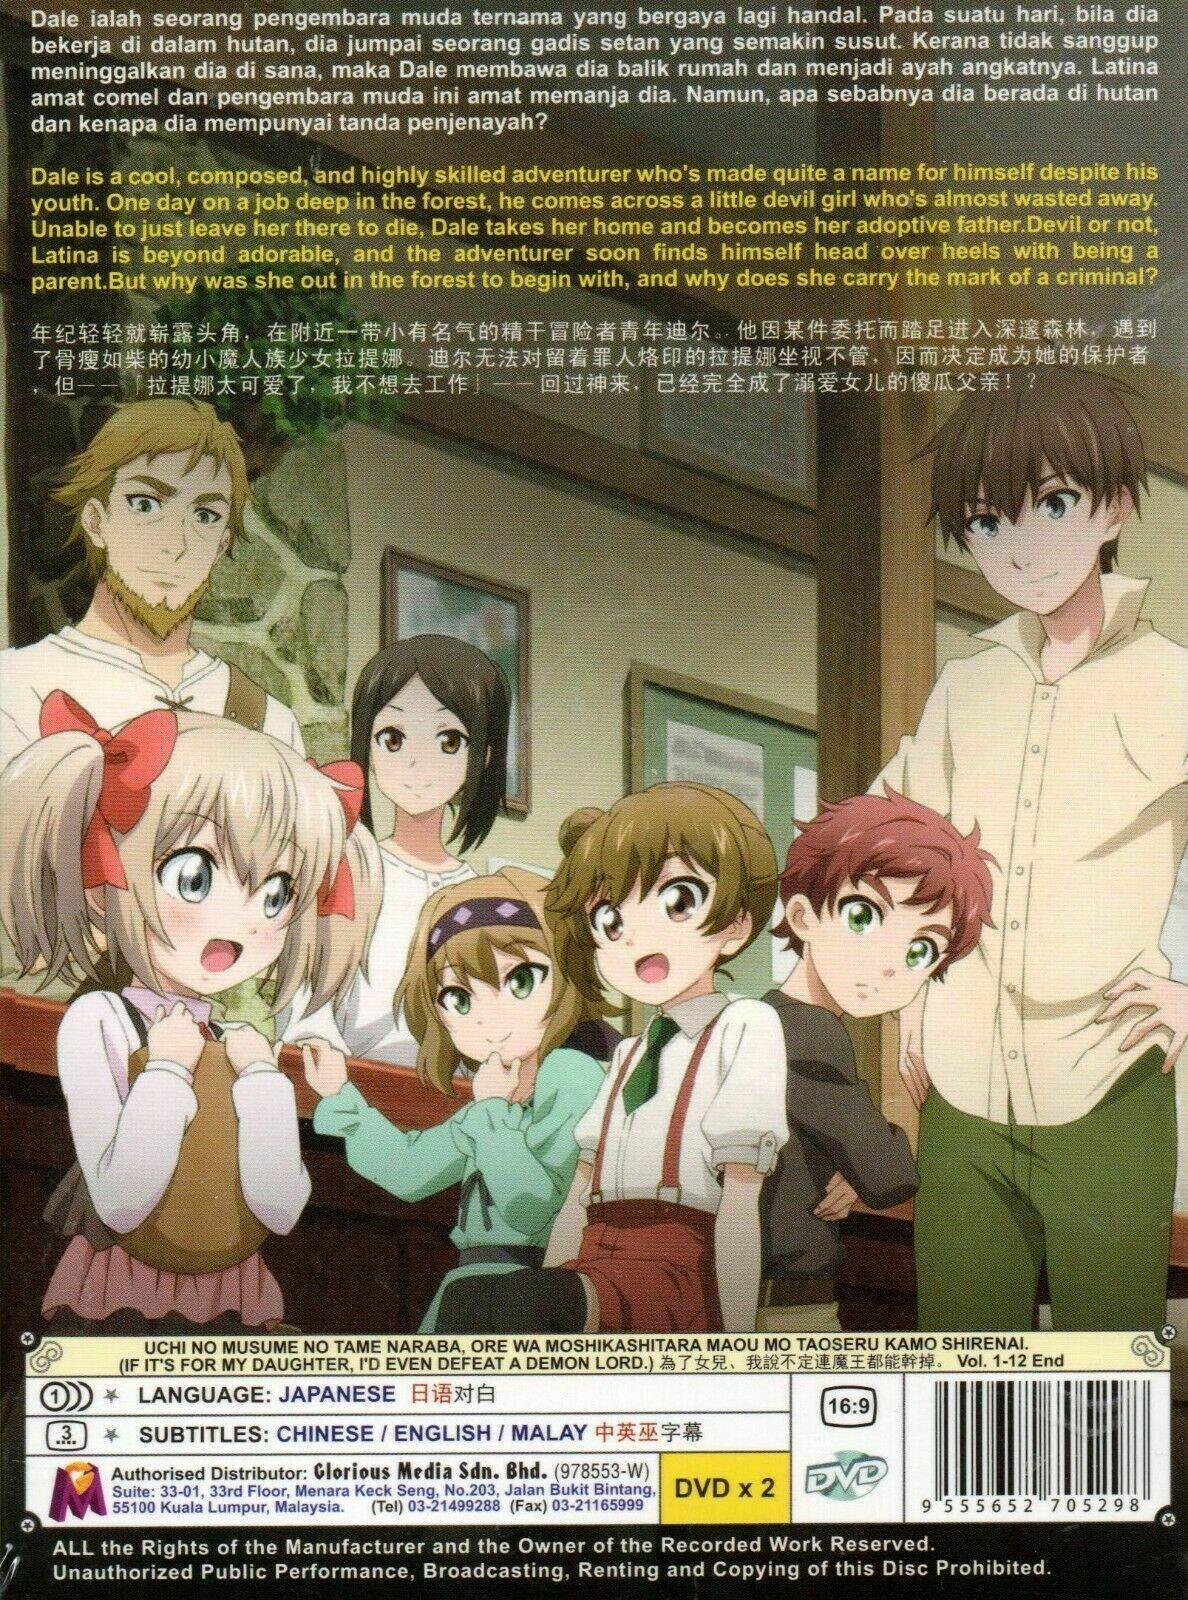 Uchi no Musume no Tame naraba, Ore wa Moshikashitara Maou mo Taoseru DVD